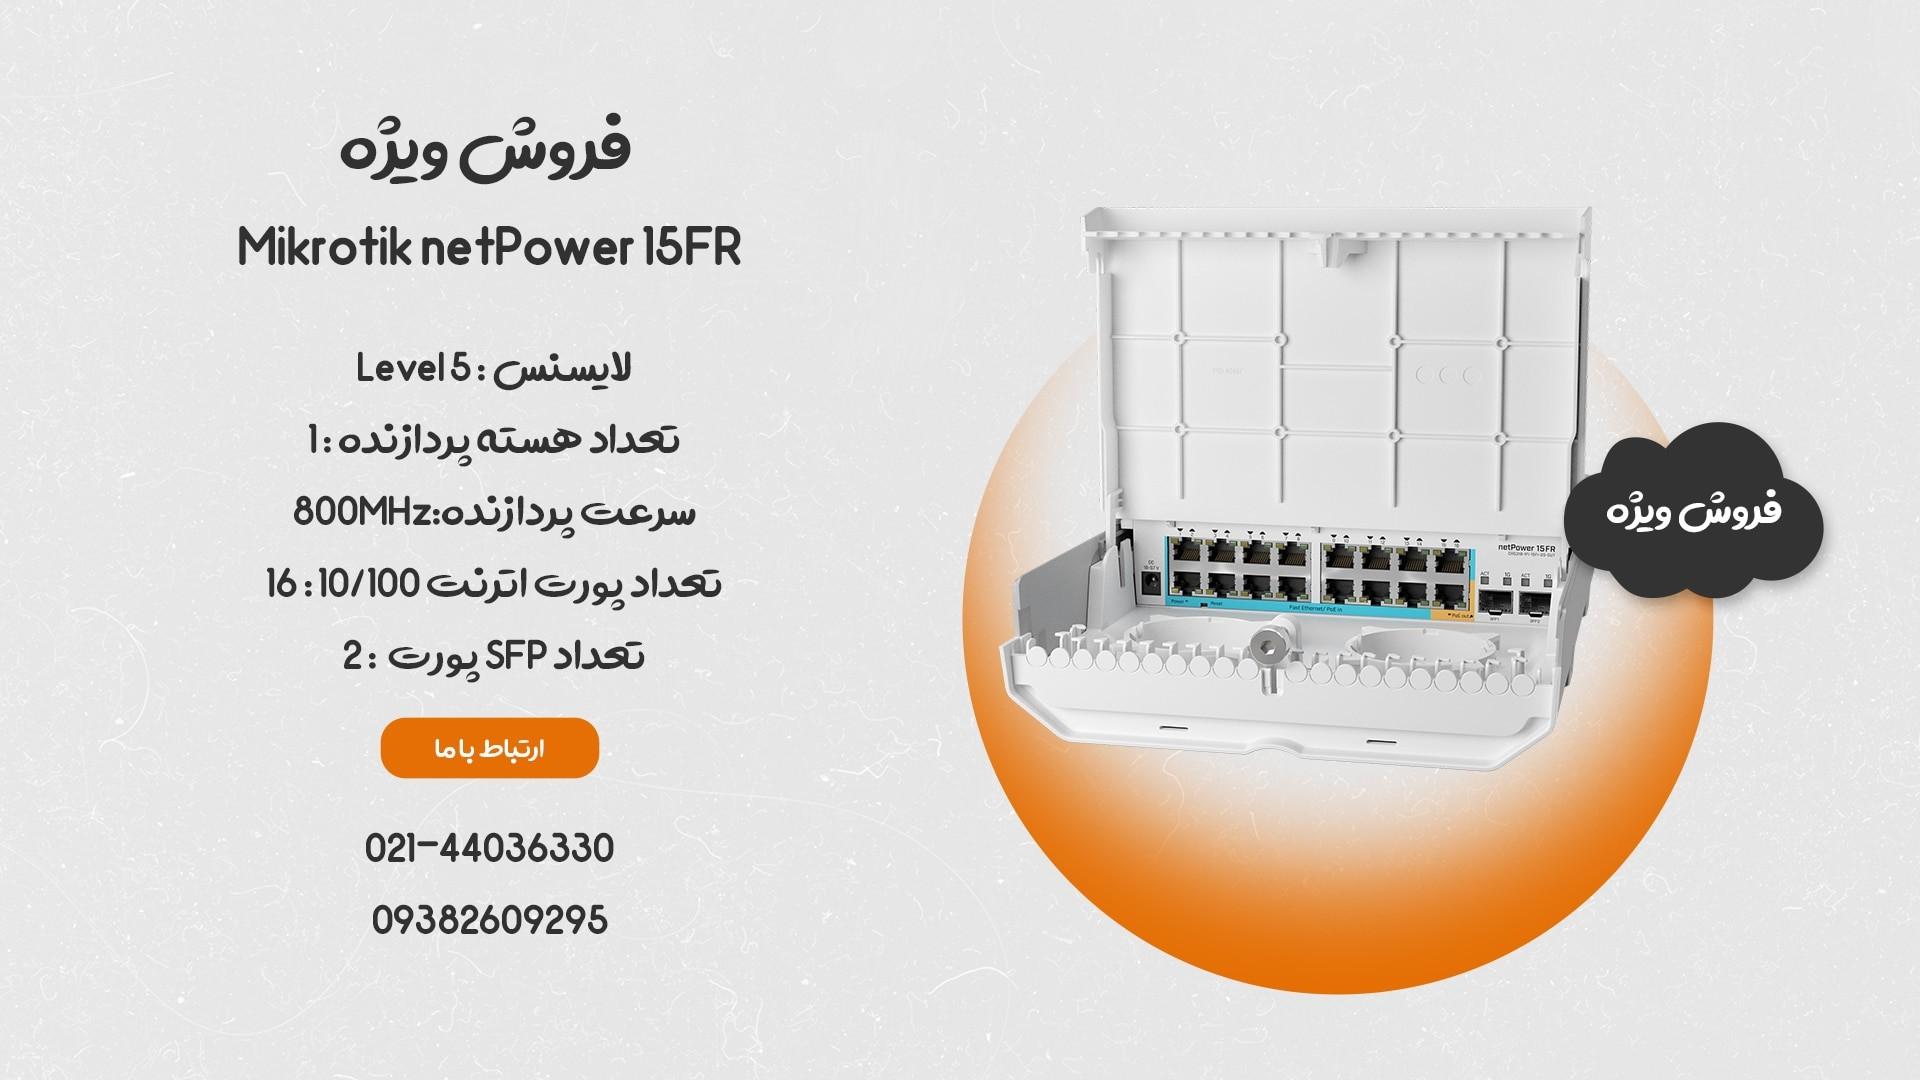 روتر میکروتیک netPower 15FR